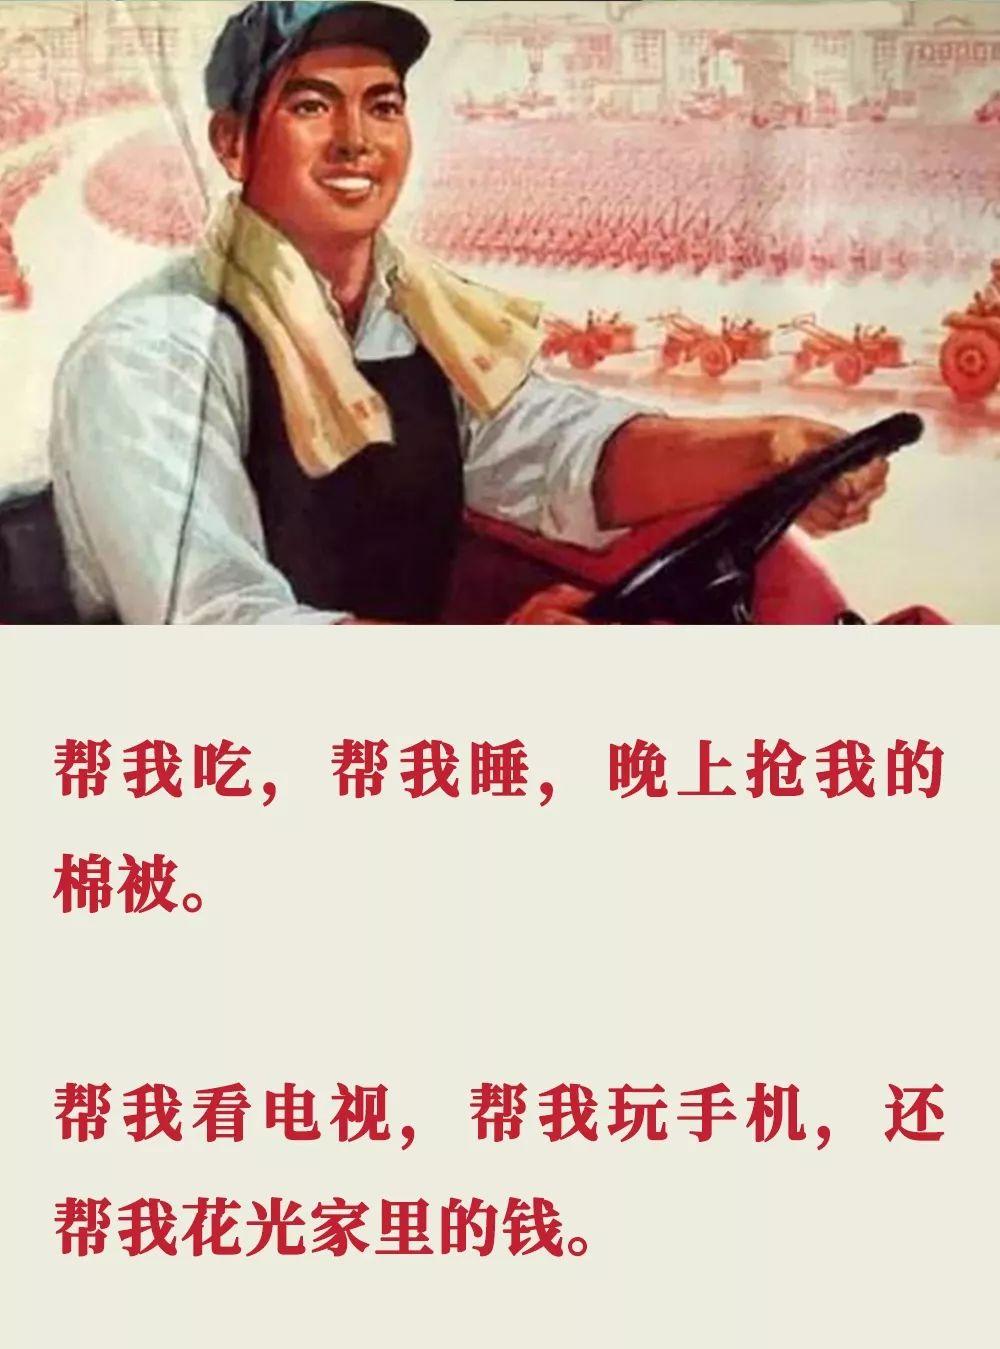 微信图片_20090101204141.jpg